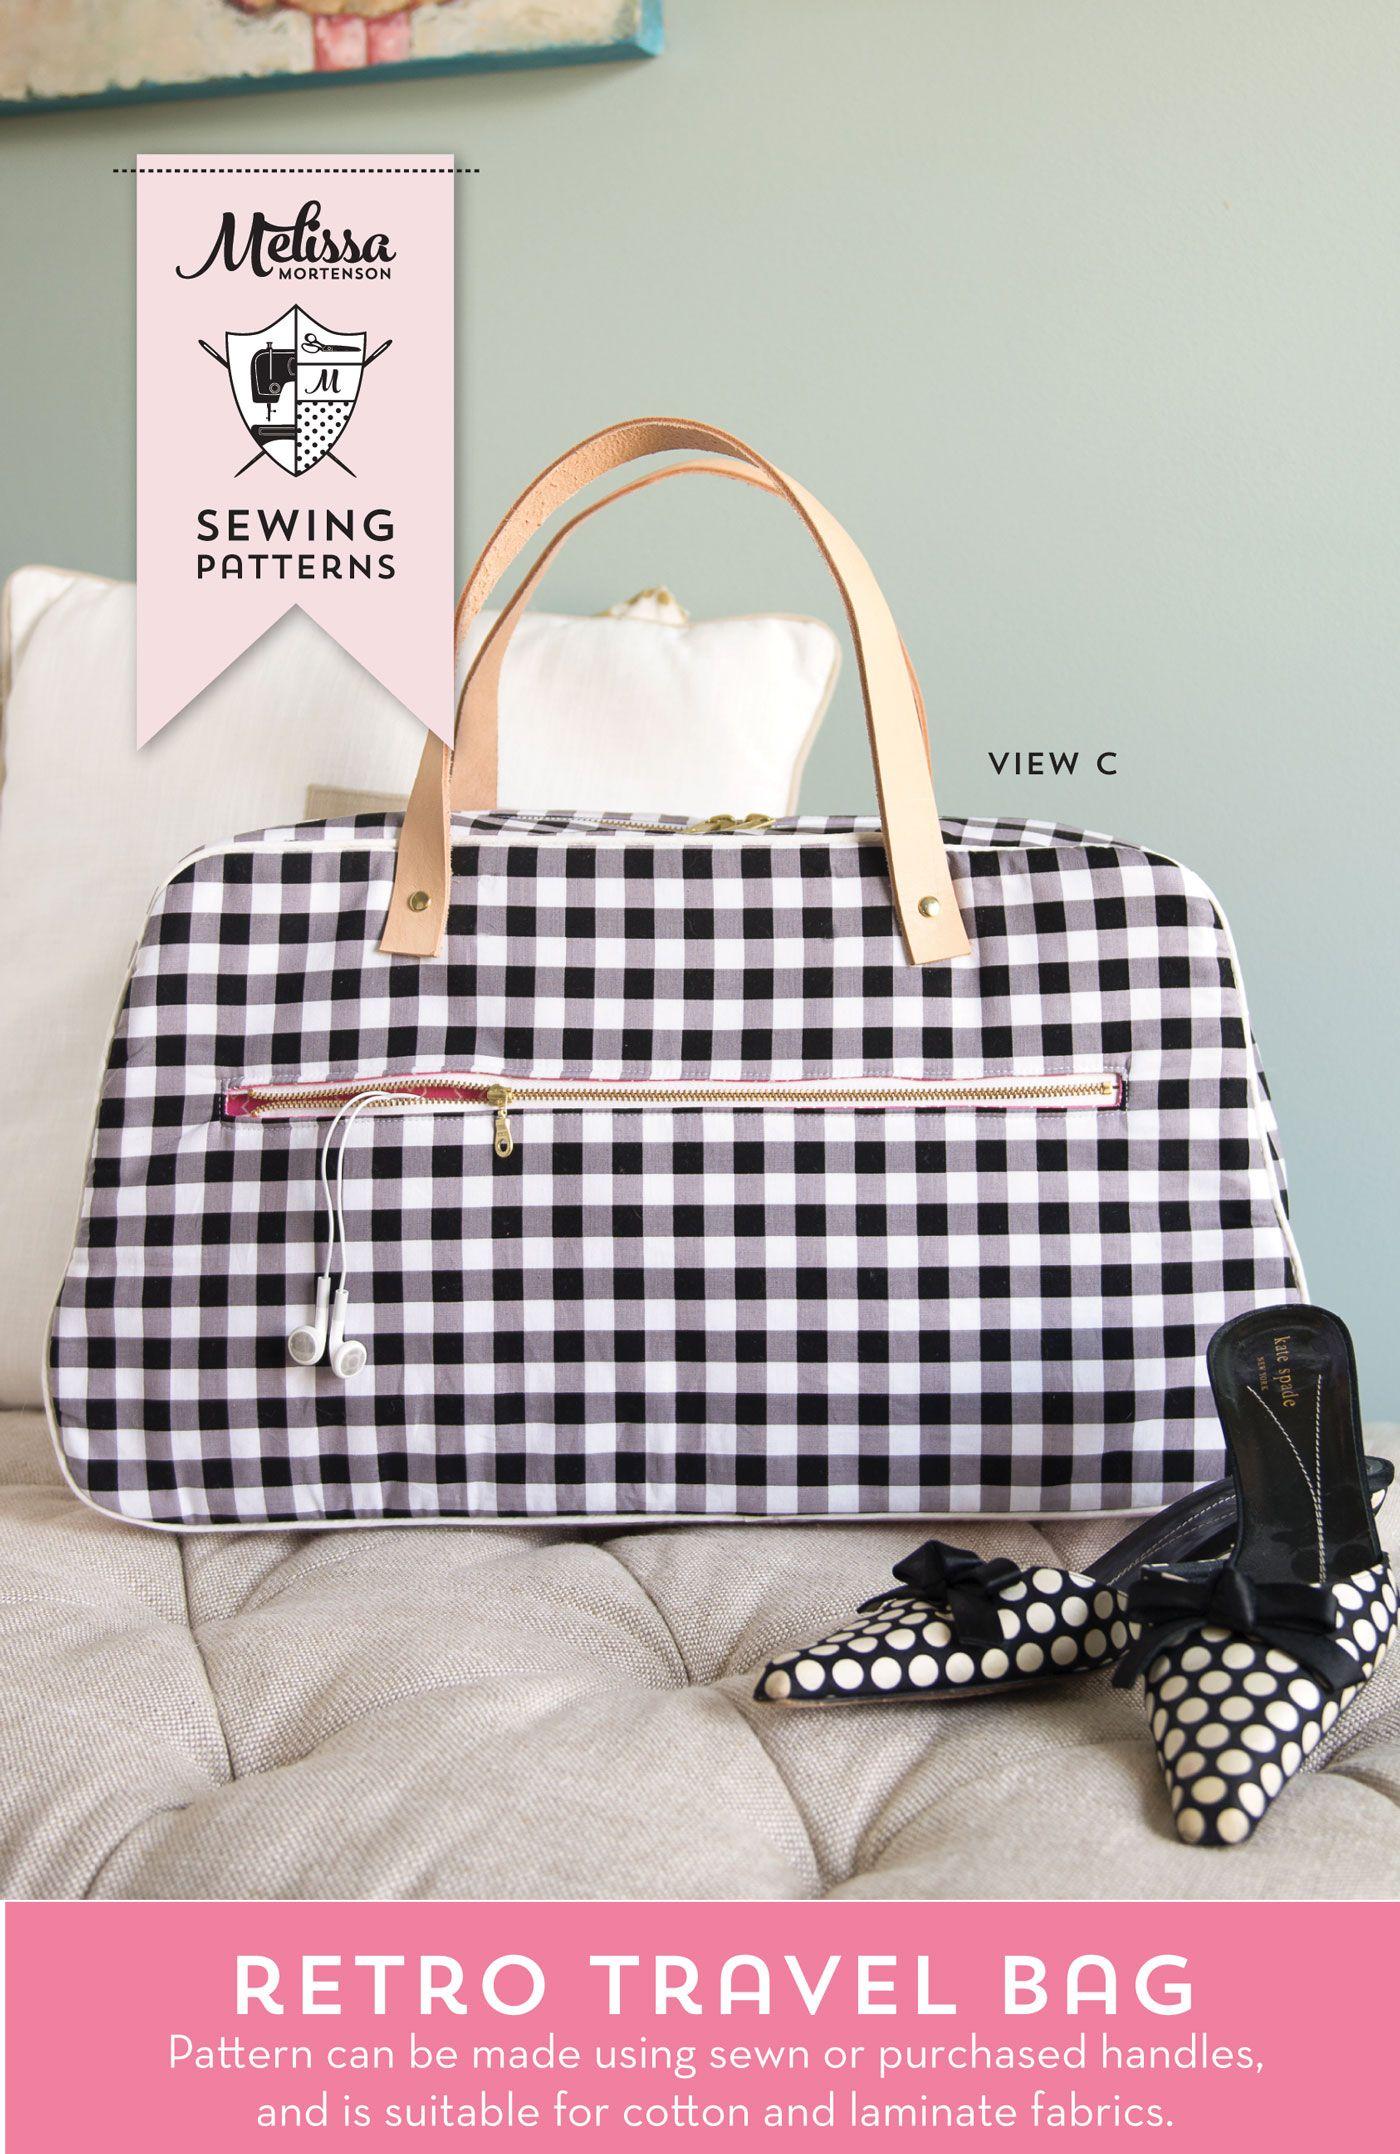 Refreshed Retro Travel Bag Sewing Pattern | Nähideen, Taschen nähen ...